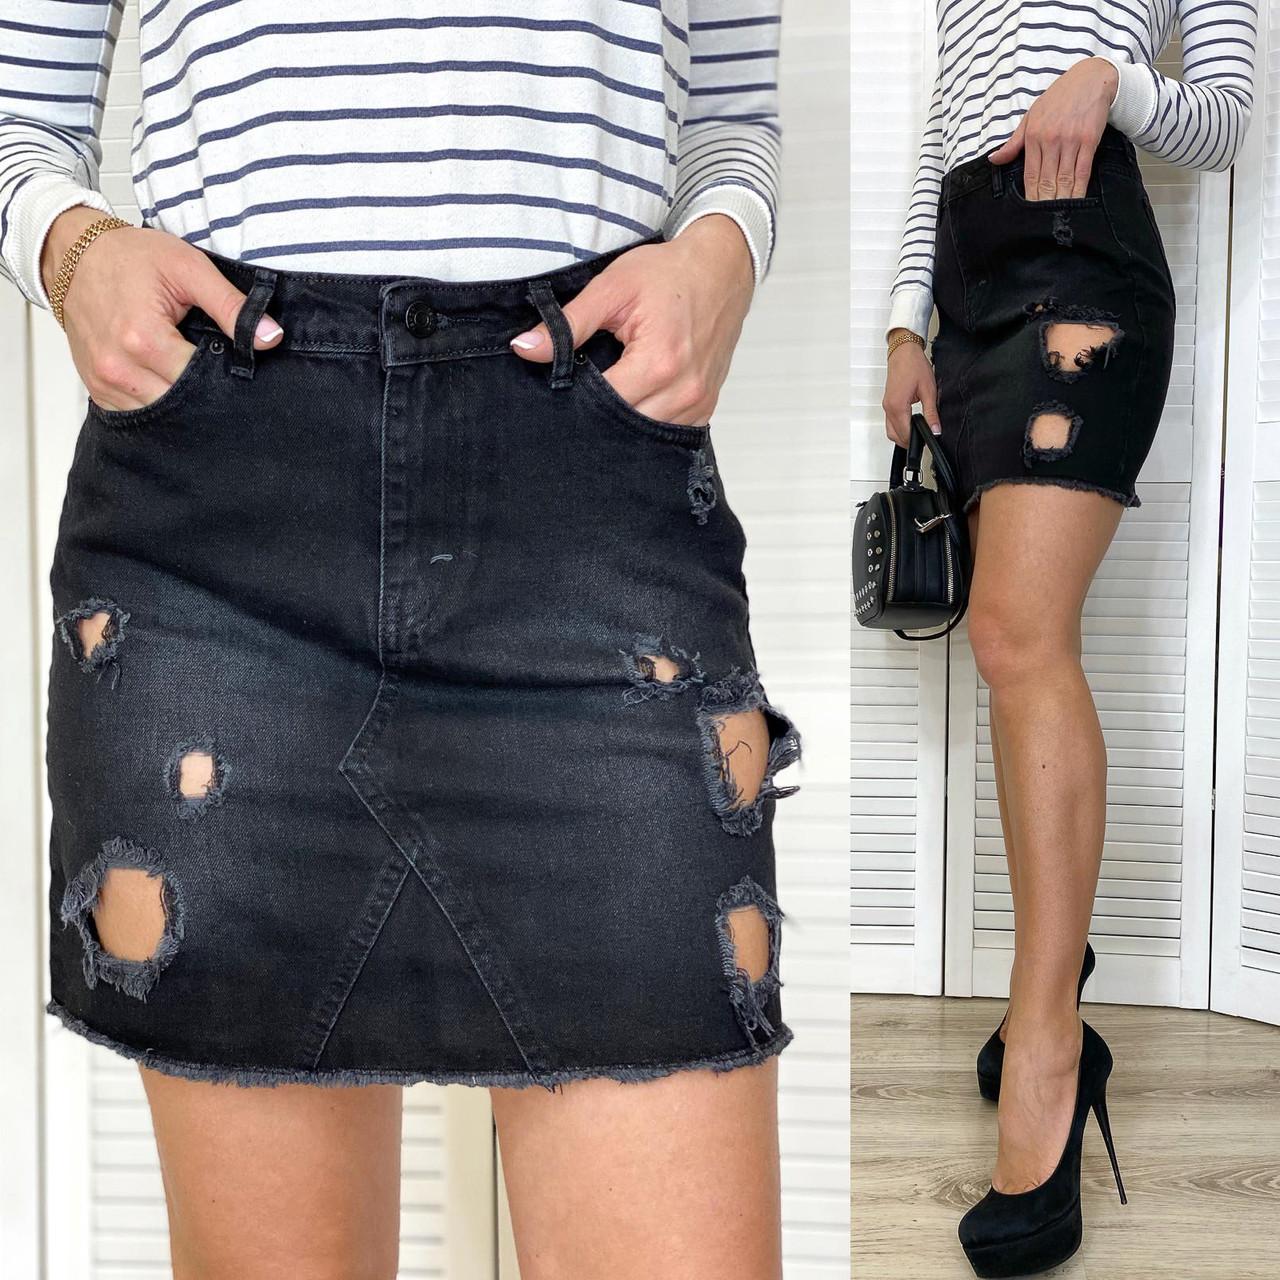 0827-01 TopShop юбка джинсовая темно-серая с рванкой весенняя котоновая (XS,S,M,L, 4 ед.)